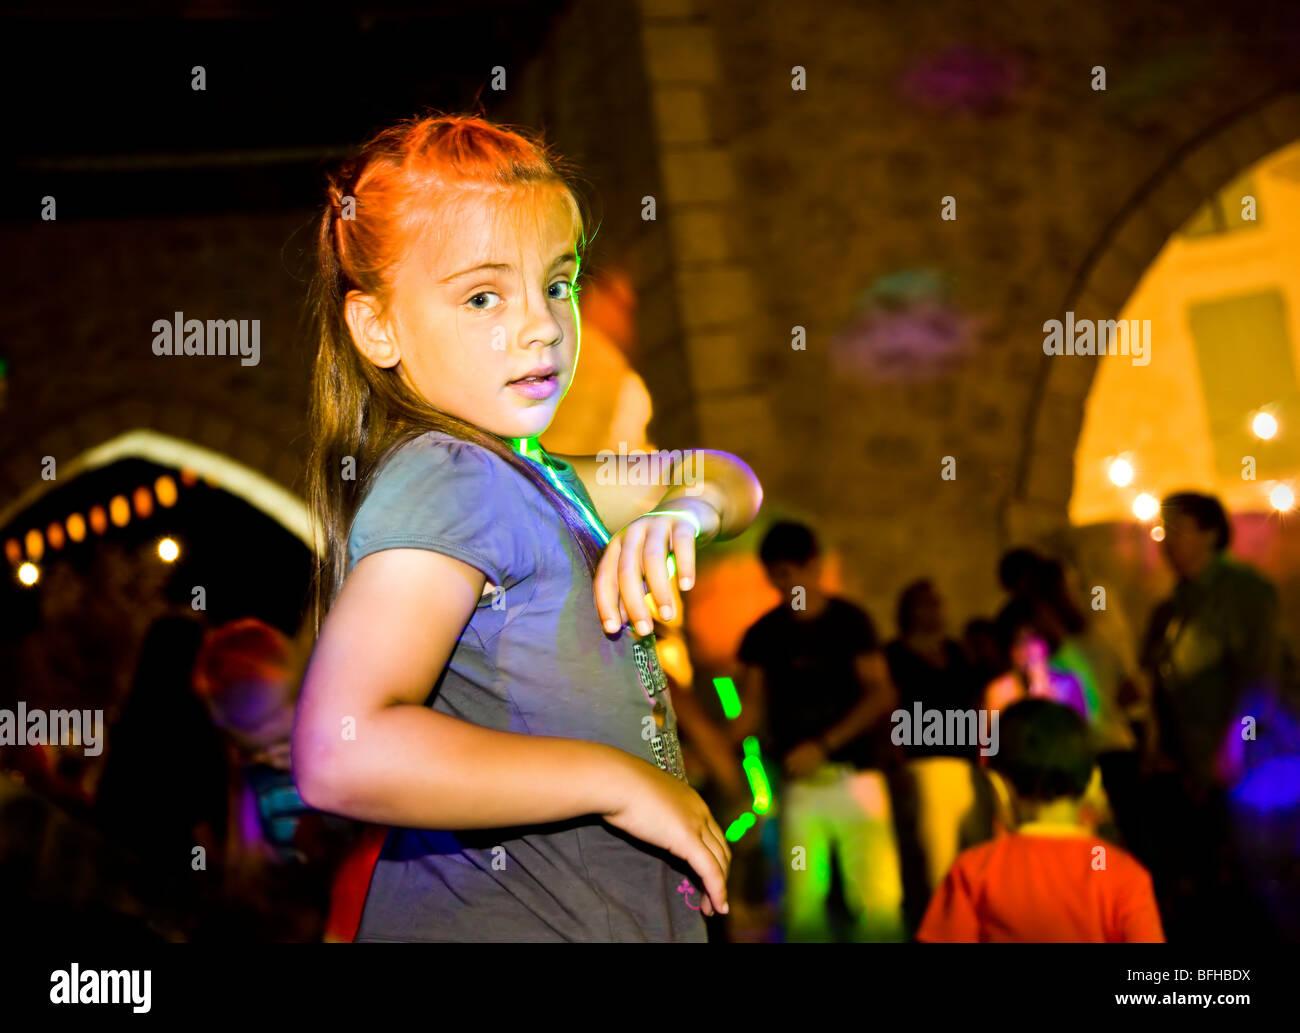 Ragazza giovane discoteca in Castillones town square con luci colorate Immagini Stock